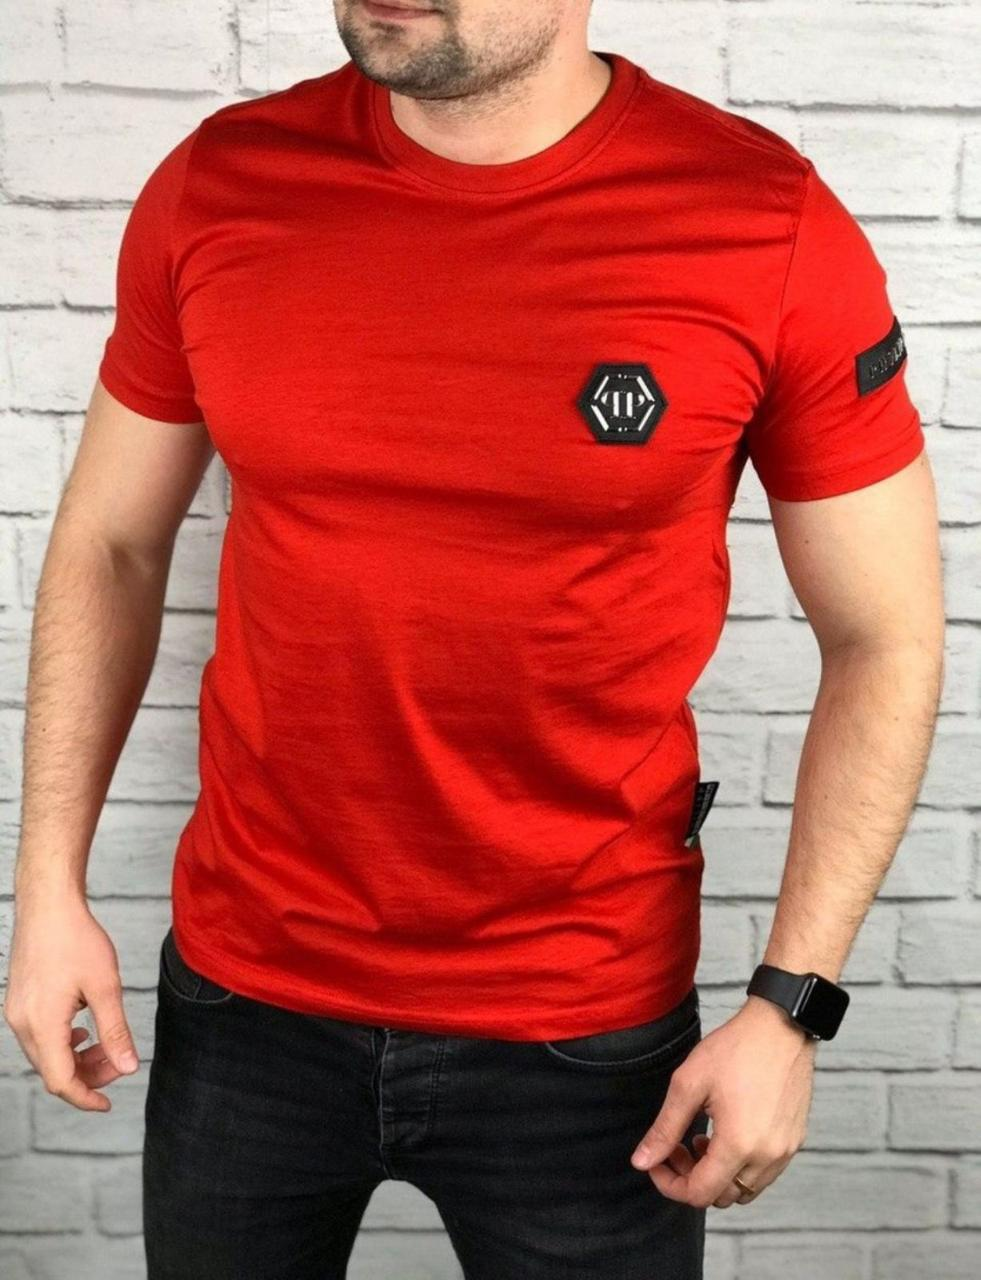 Брендовая мужская футболка коллекции   2020. Приятный к телу материал. Размеры: M,L,XL,2XL,3XL